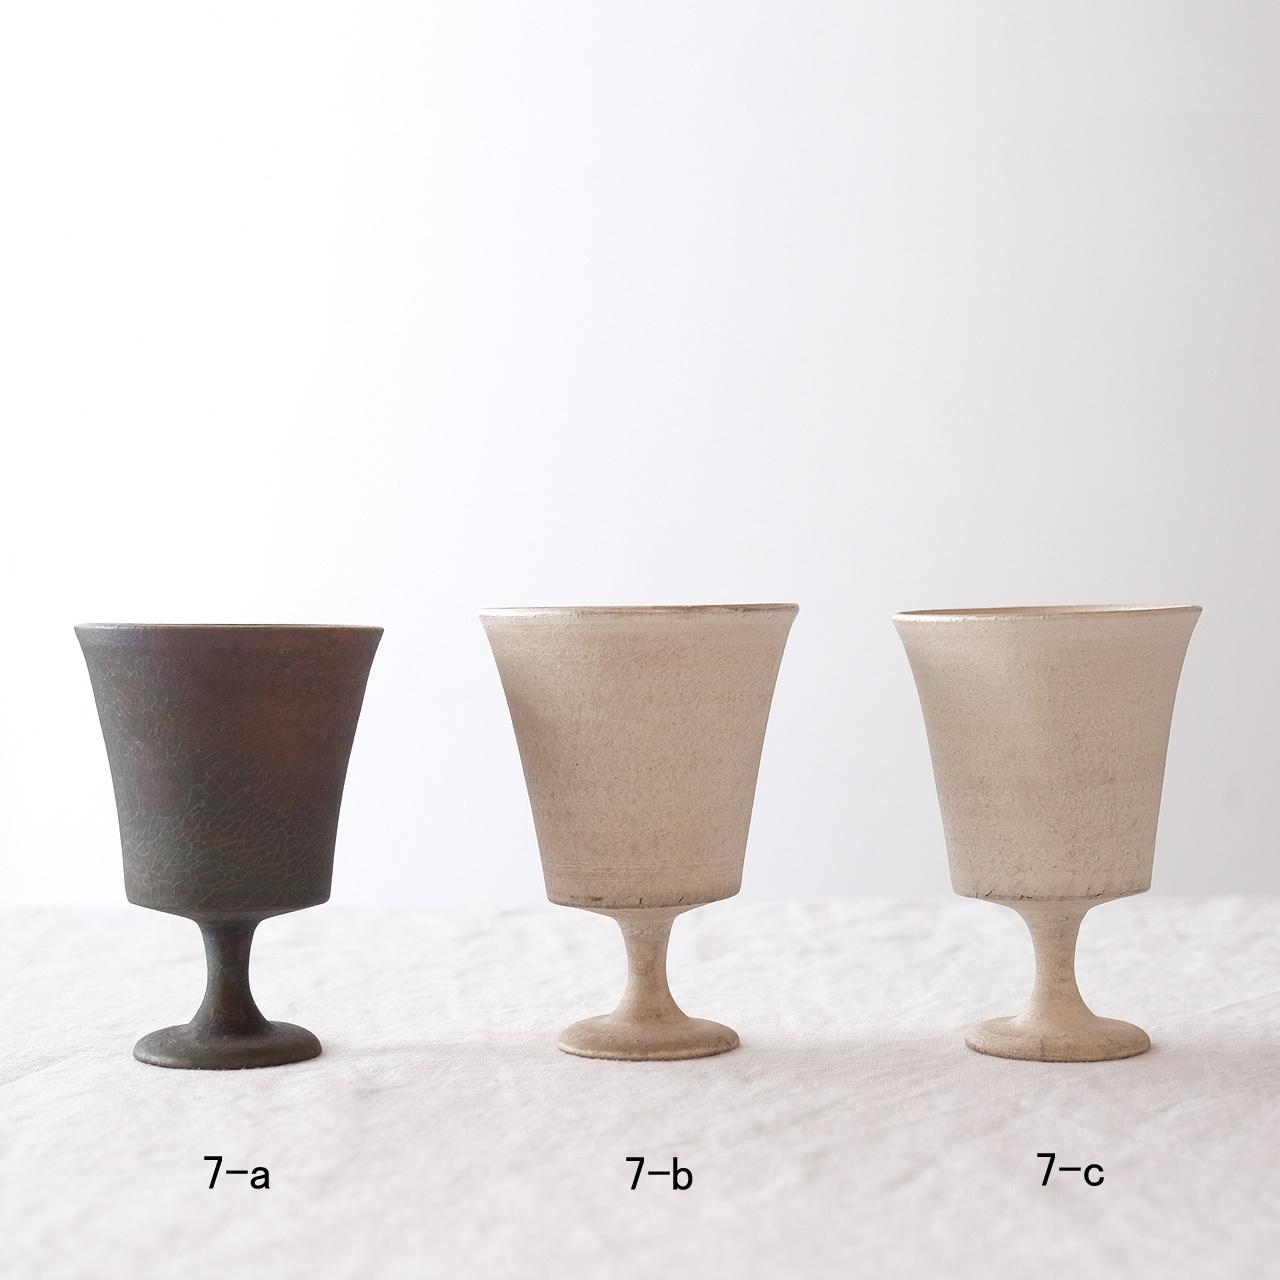 瀬川辰馬 Tatsuma Segawa   硫化銀彩 ゴブレット(小)g7